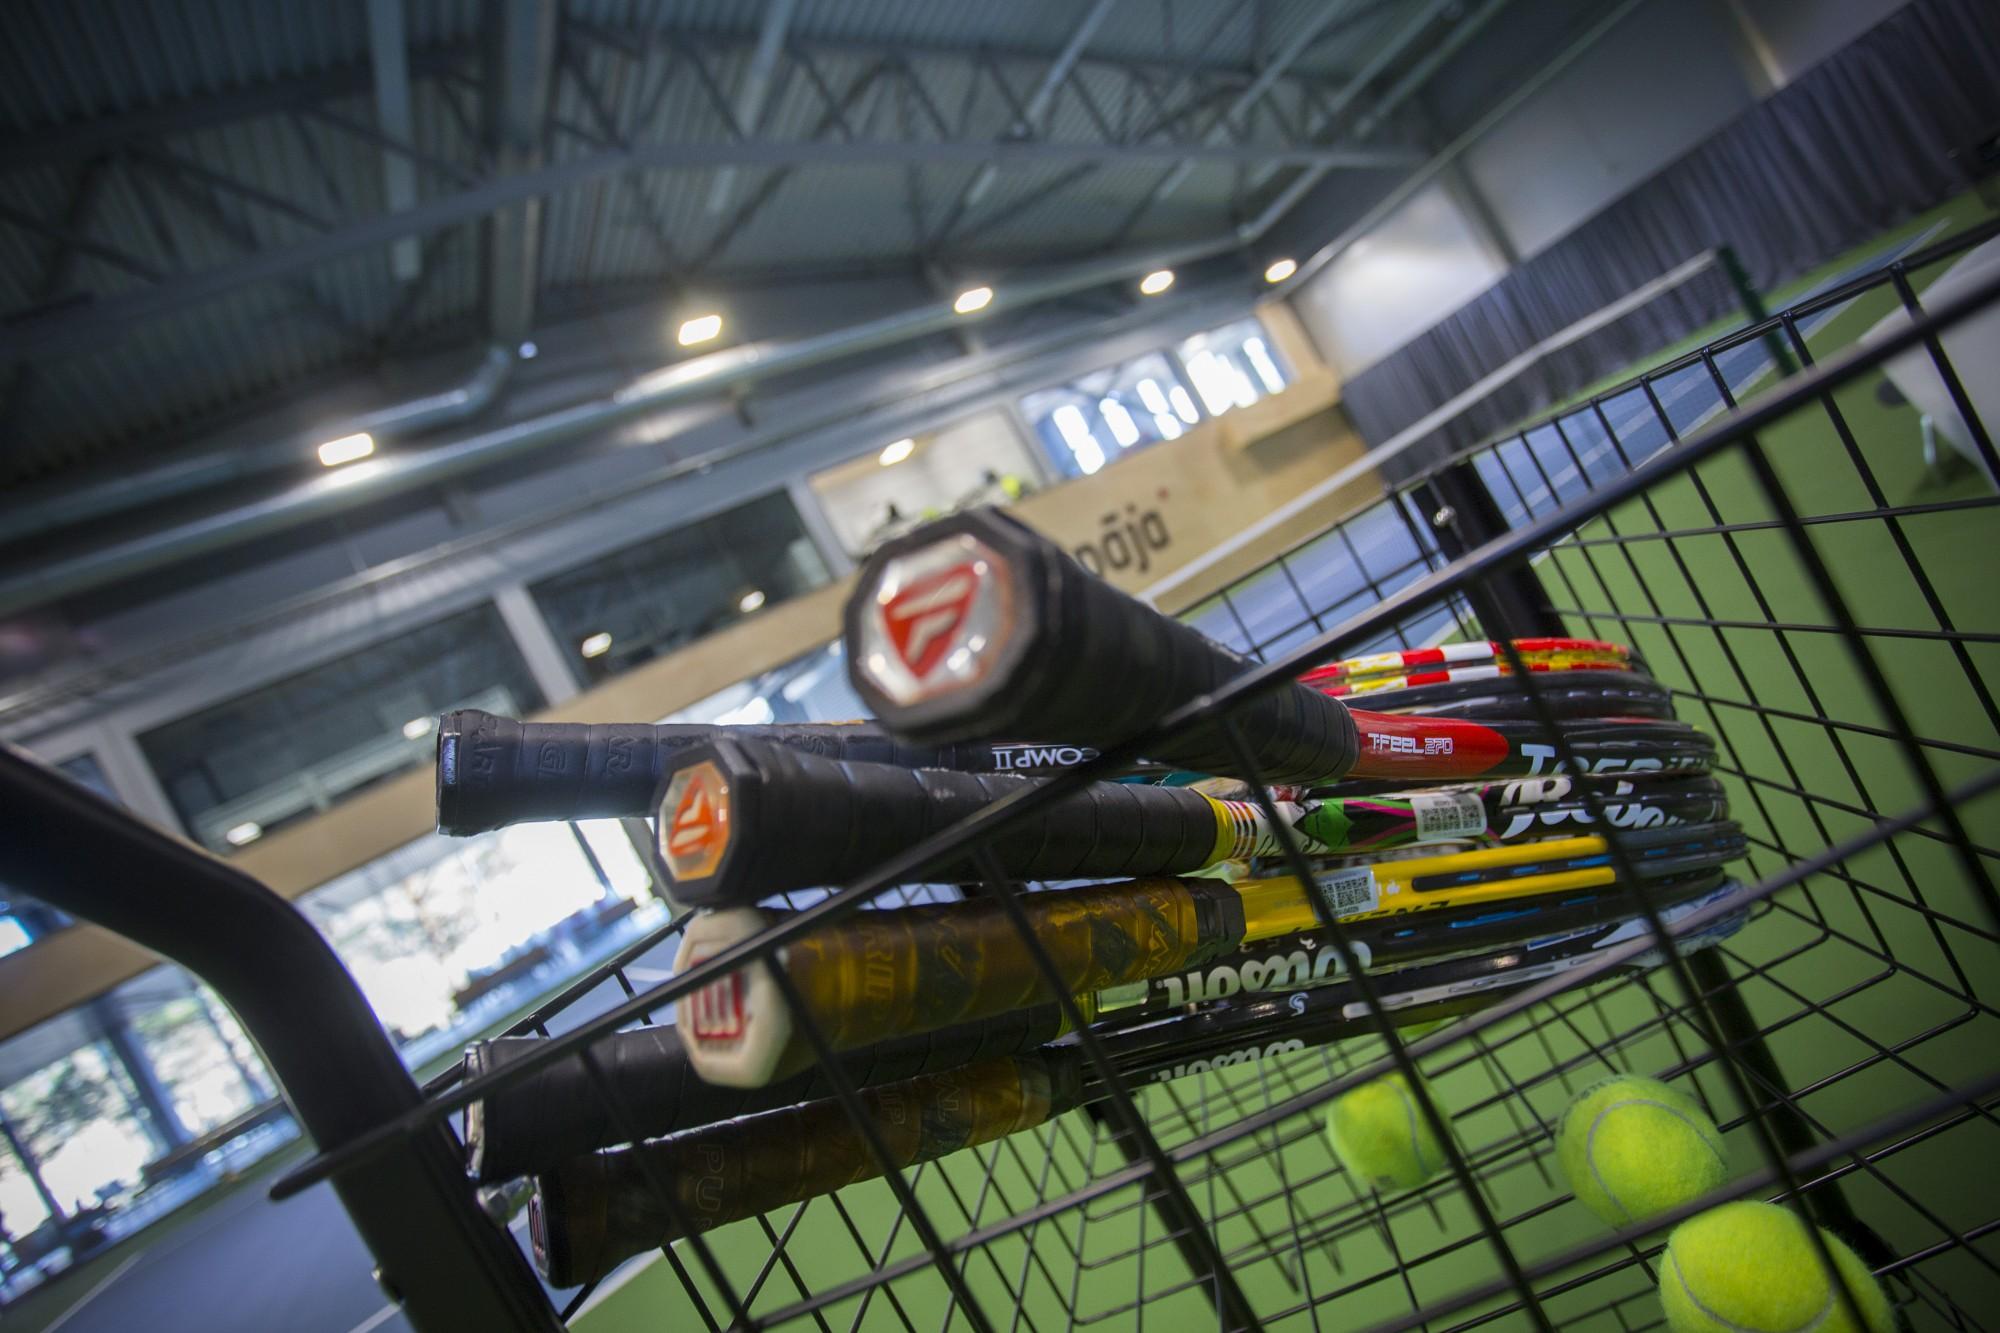 В Лиепае открыли крупный теннисный центр, построенный за 7,5 миллиона евро